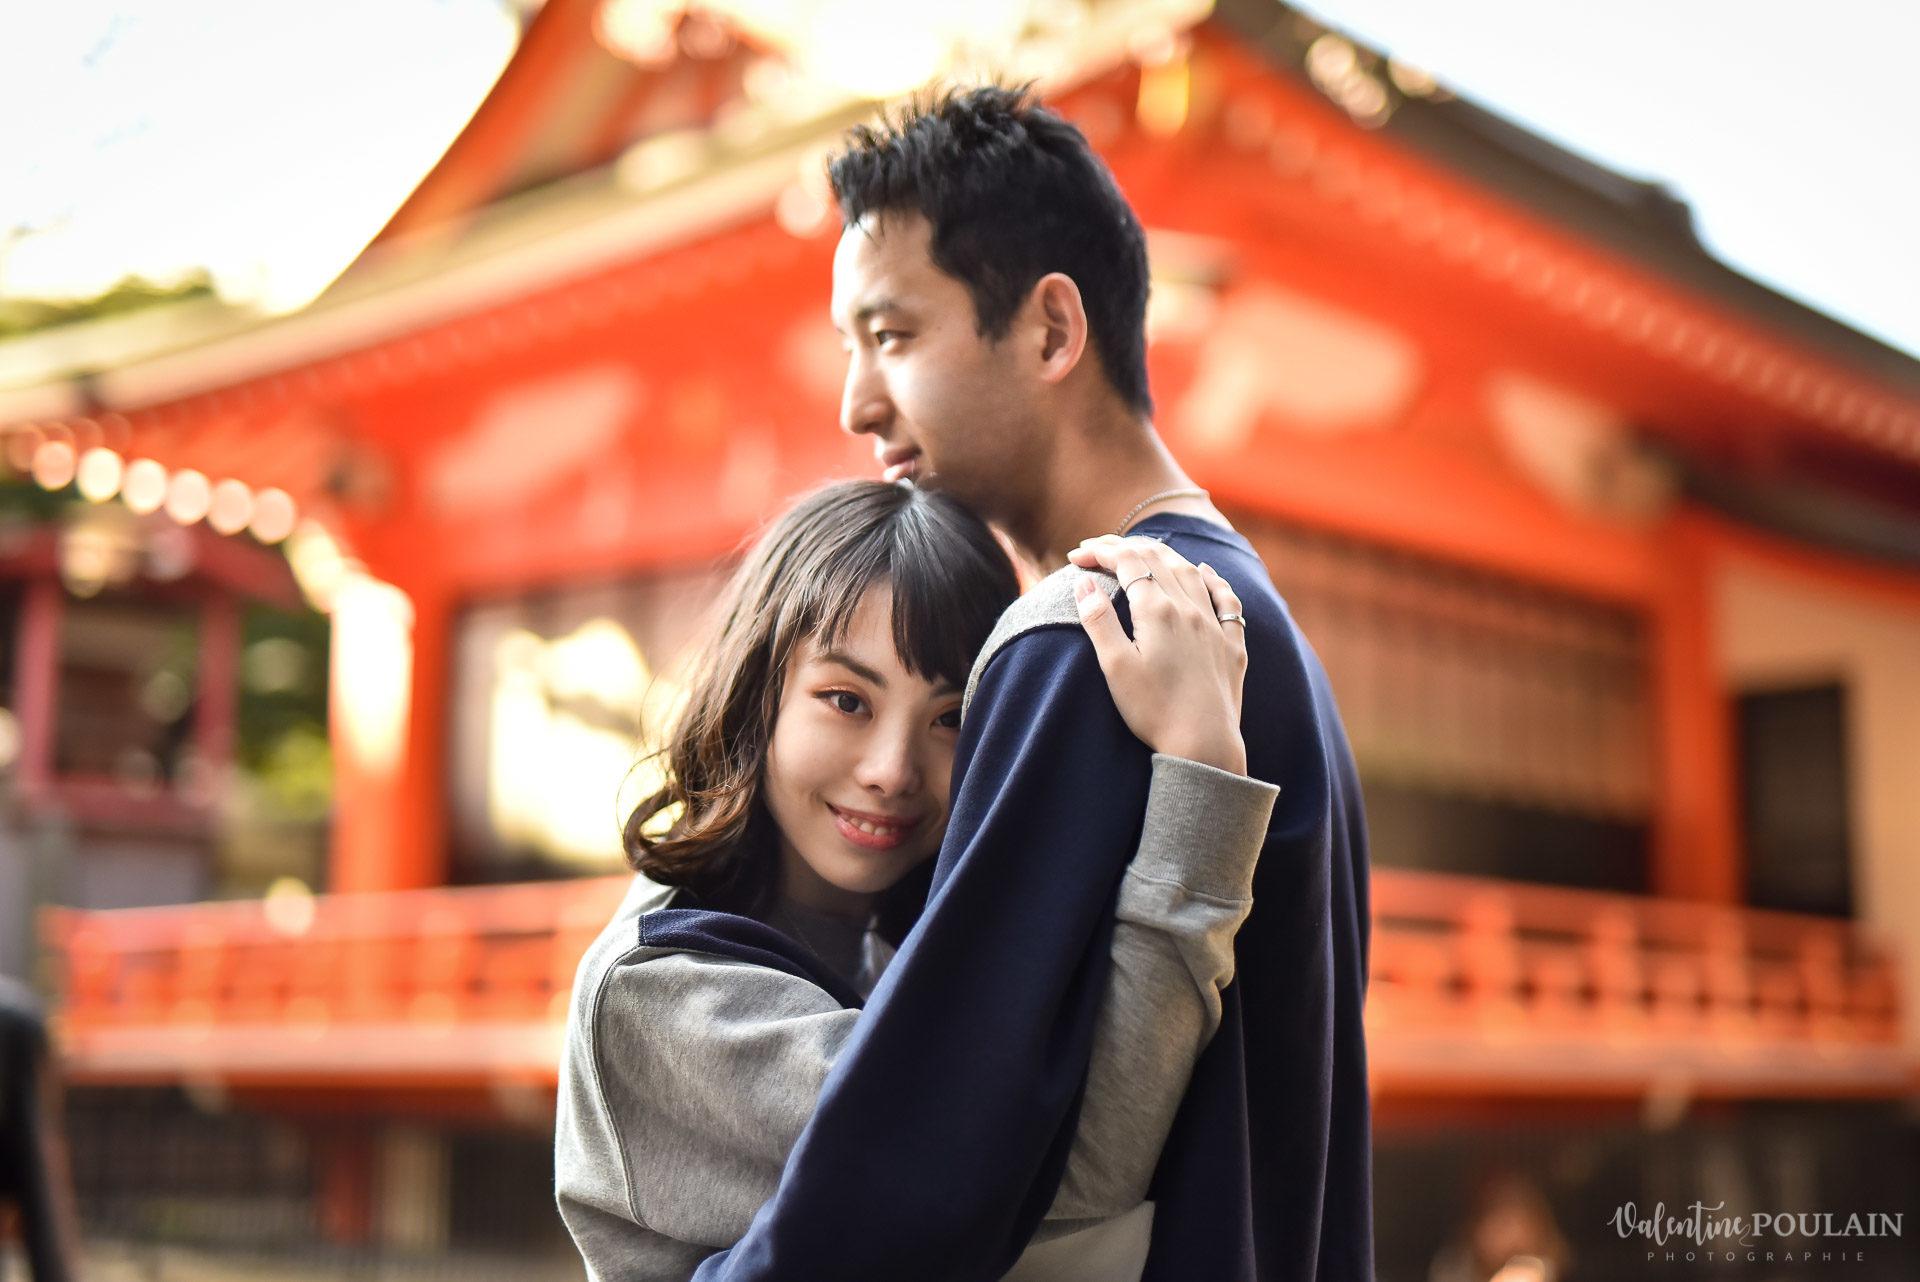 Shooting couple Japon Tokyo - Valentine Poulain rouge